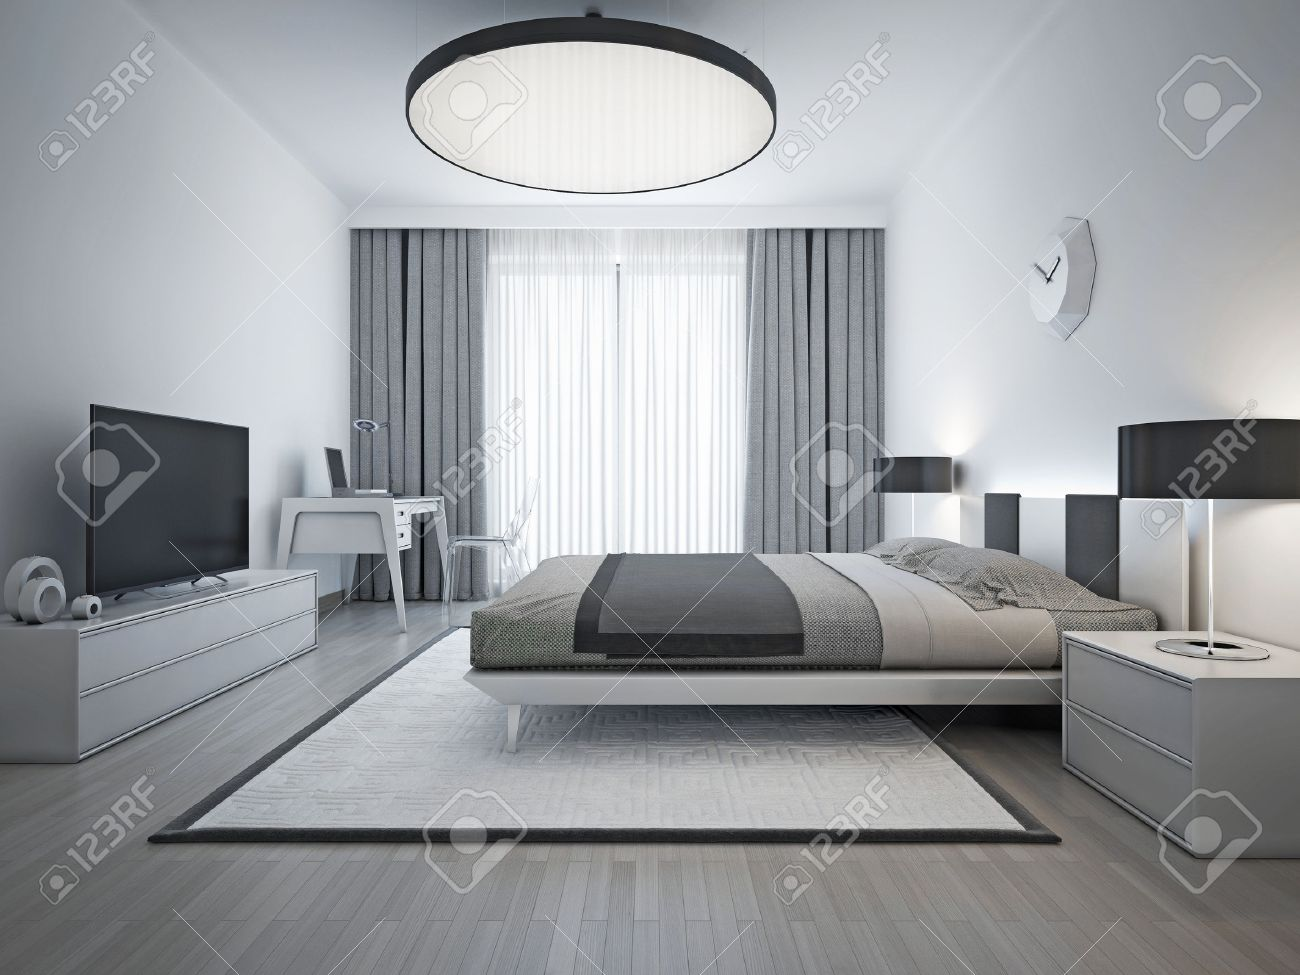 Dormitorio Elegante Estilo Contemporáneo. Monocromo Interior Del ...